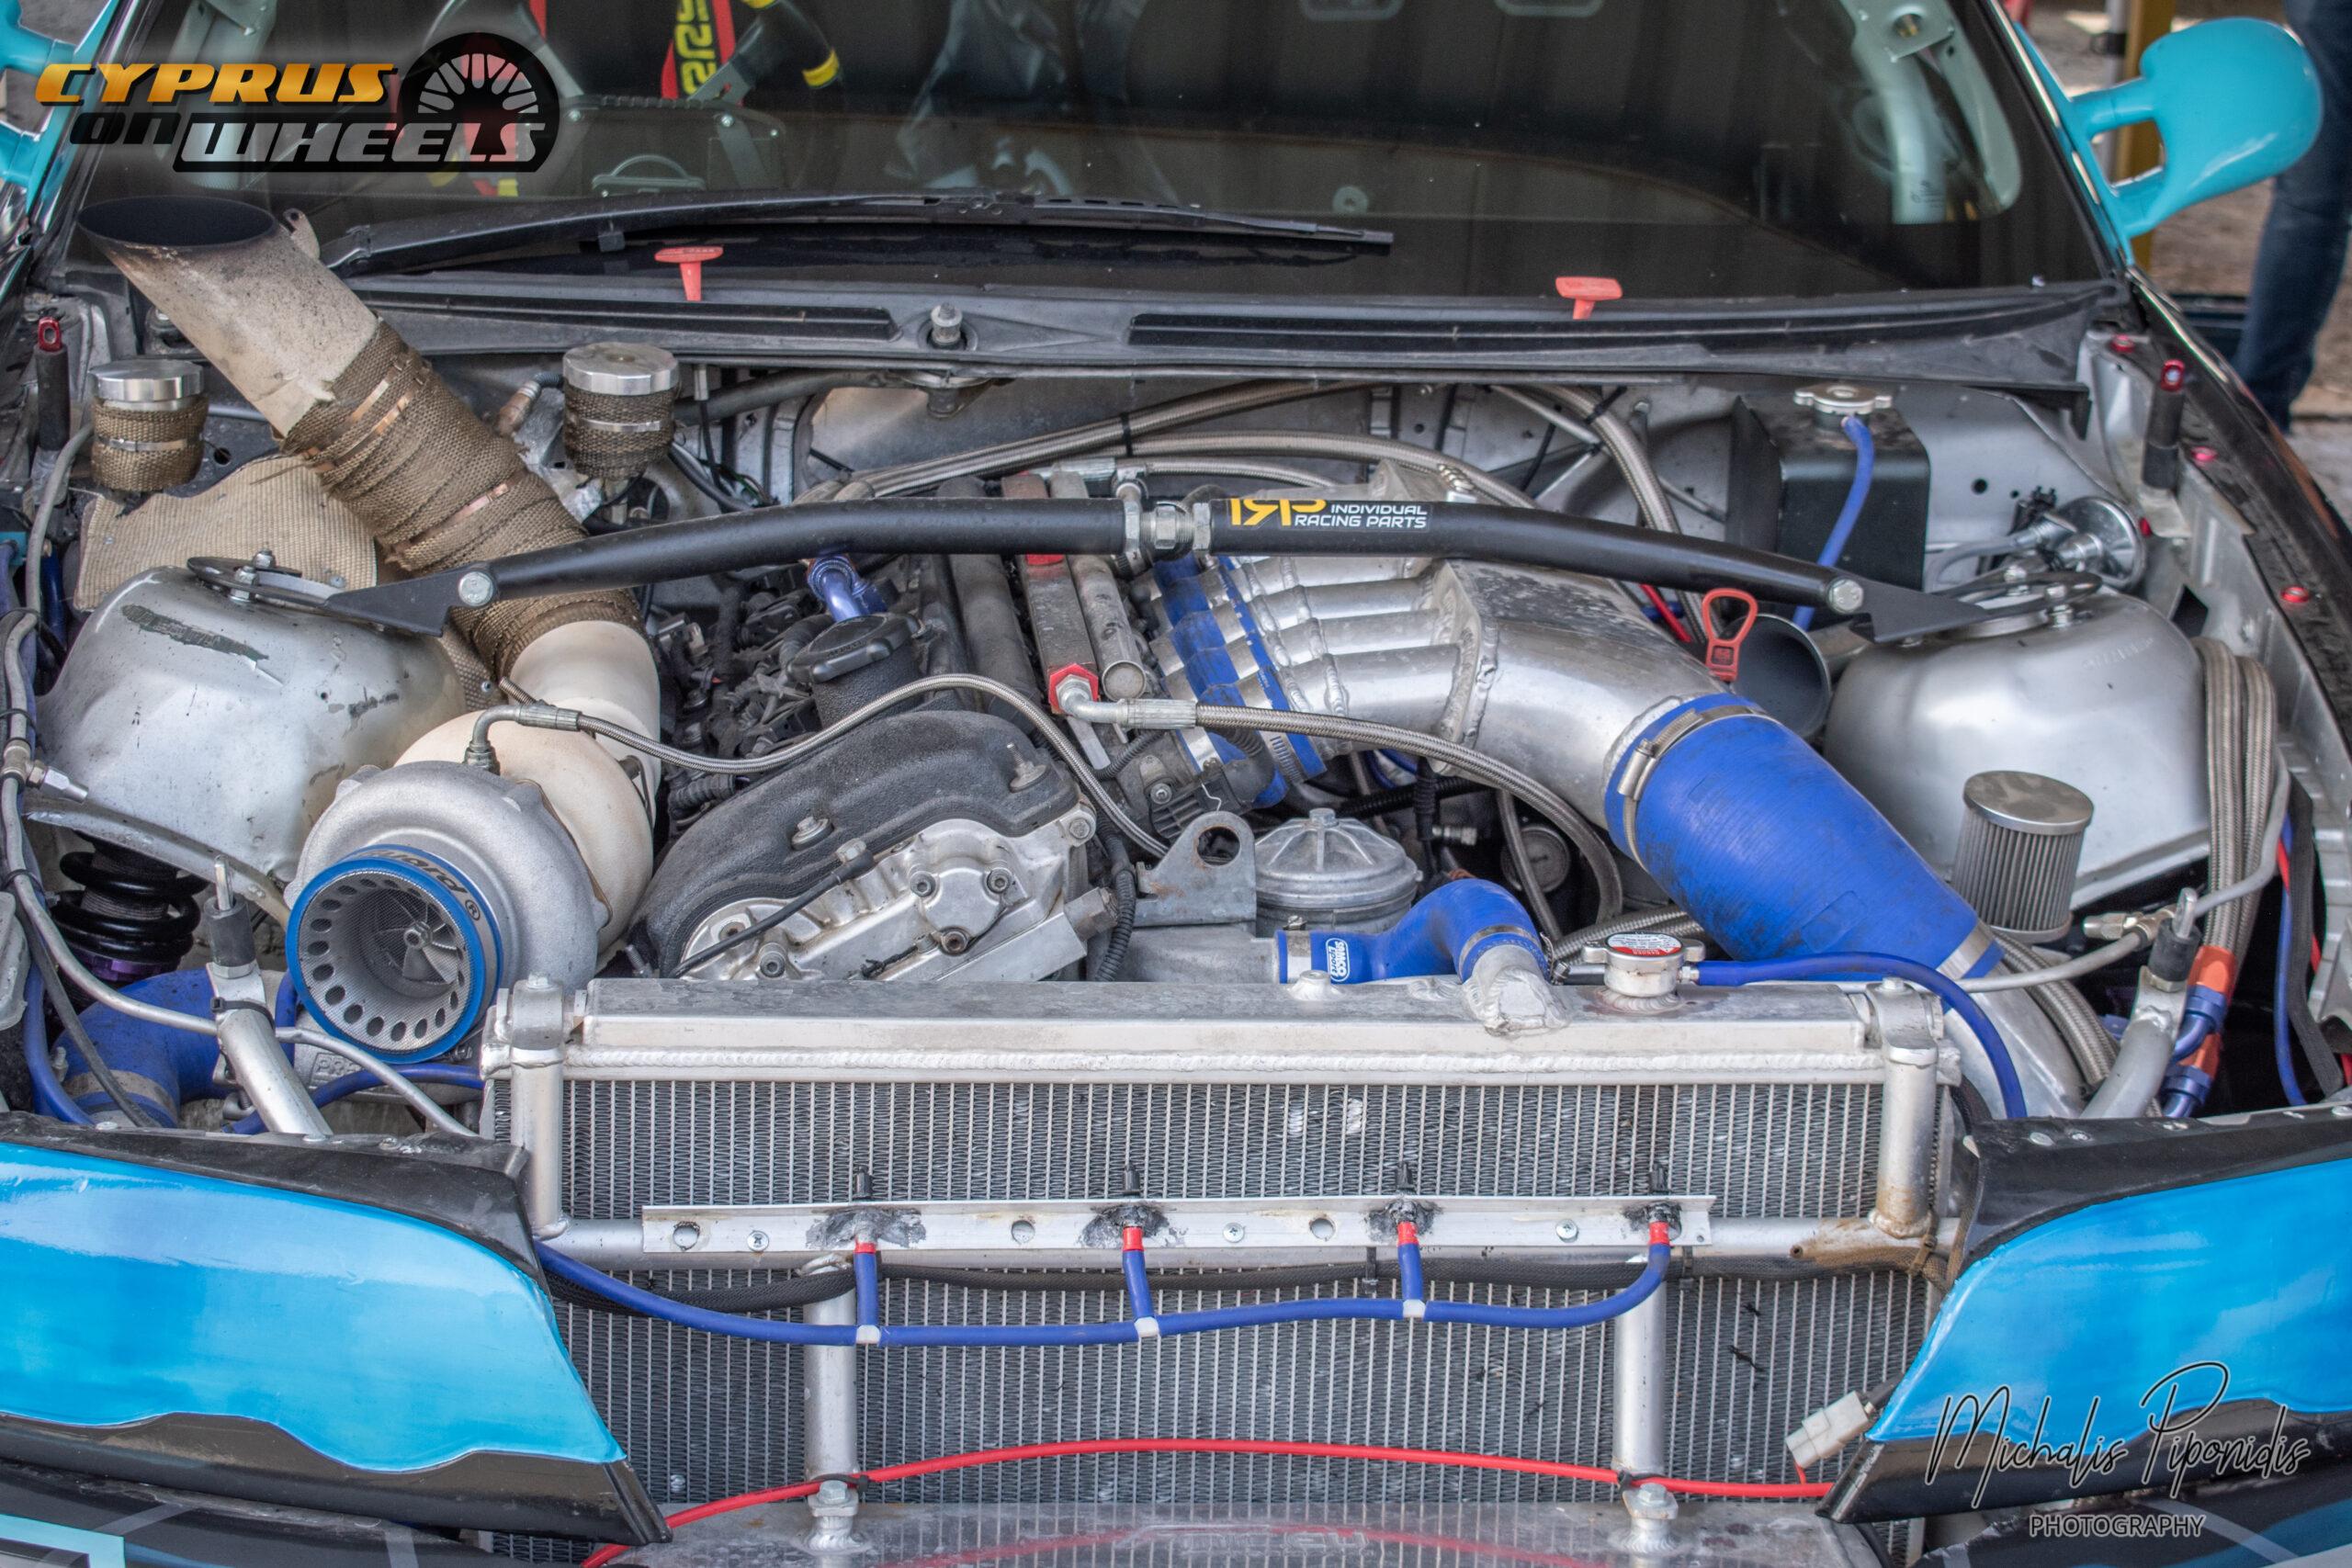 BMW S54 TURBO